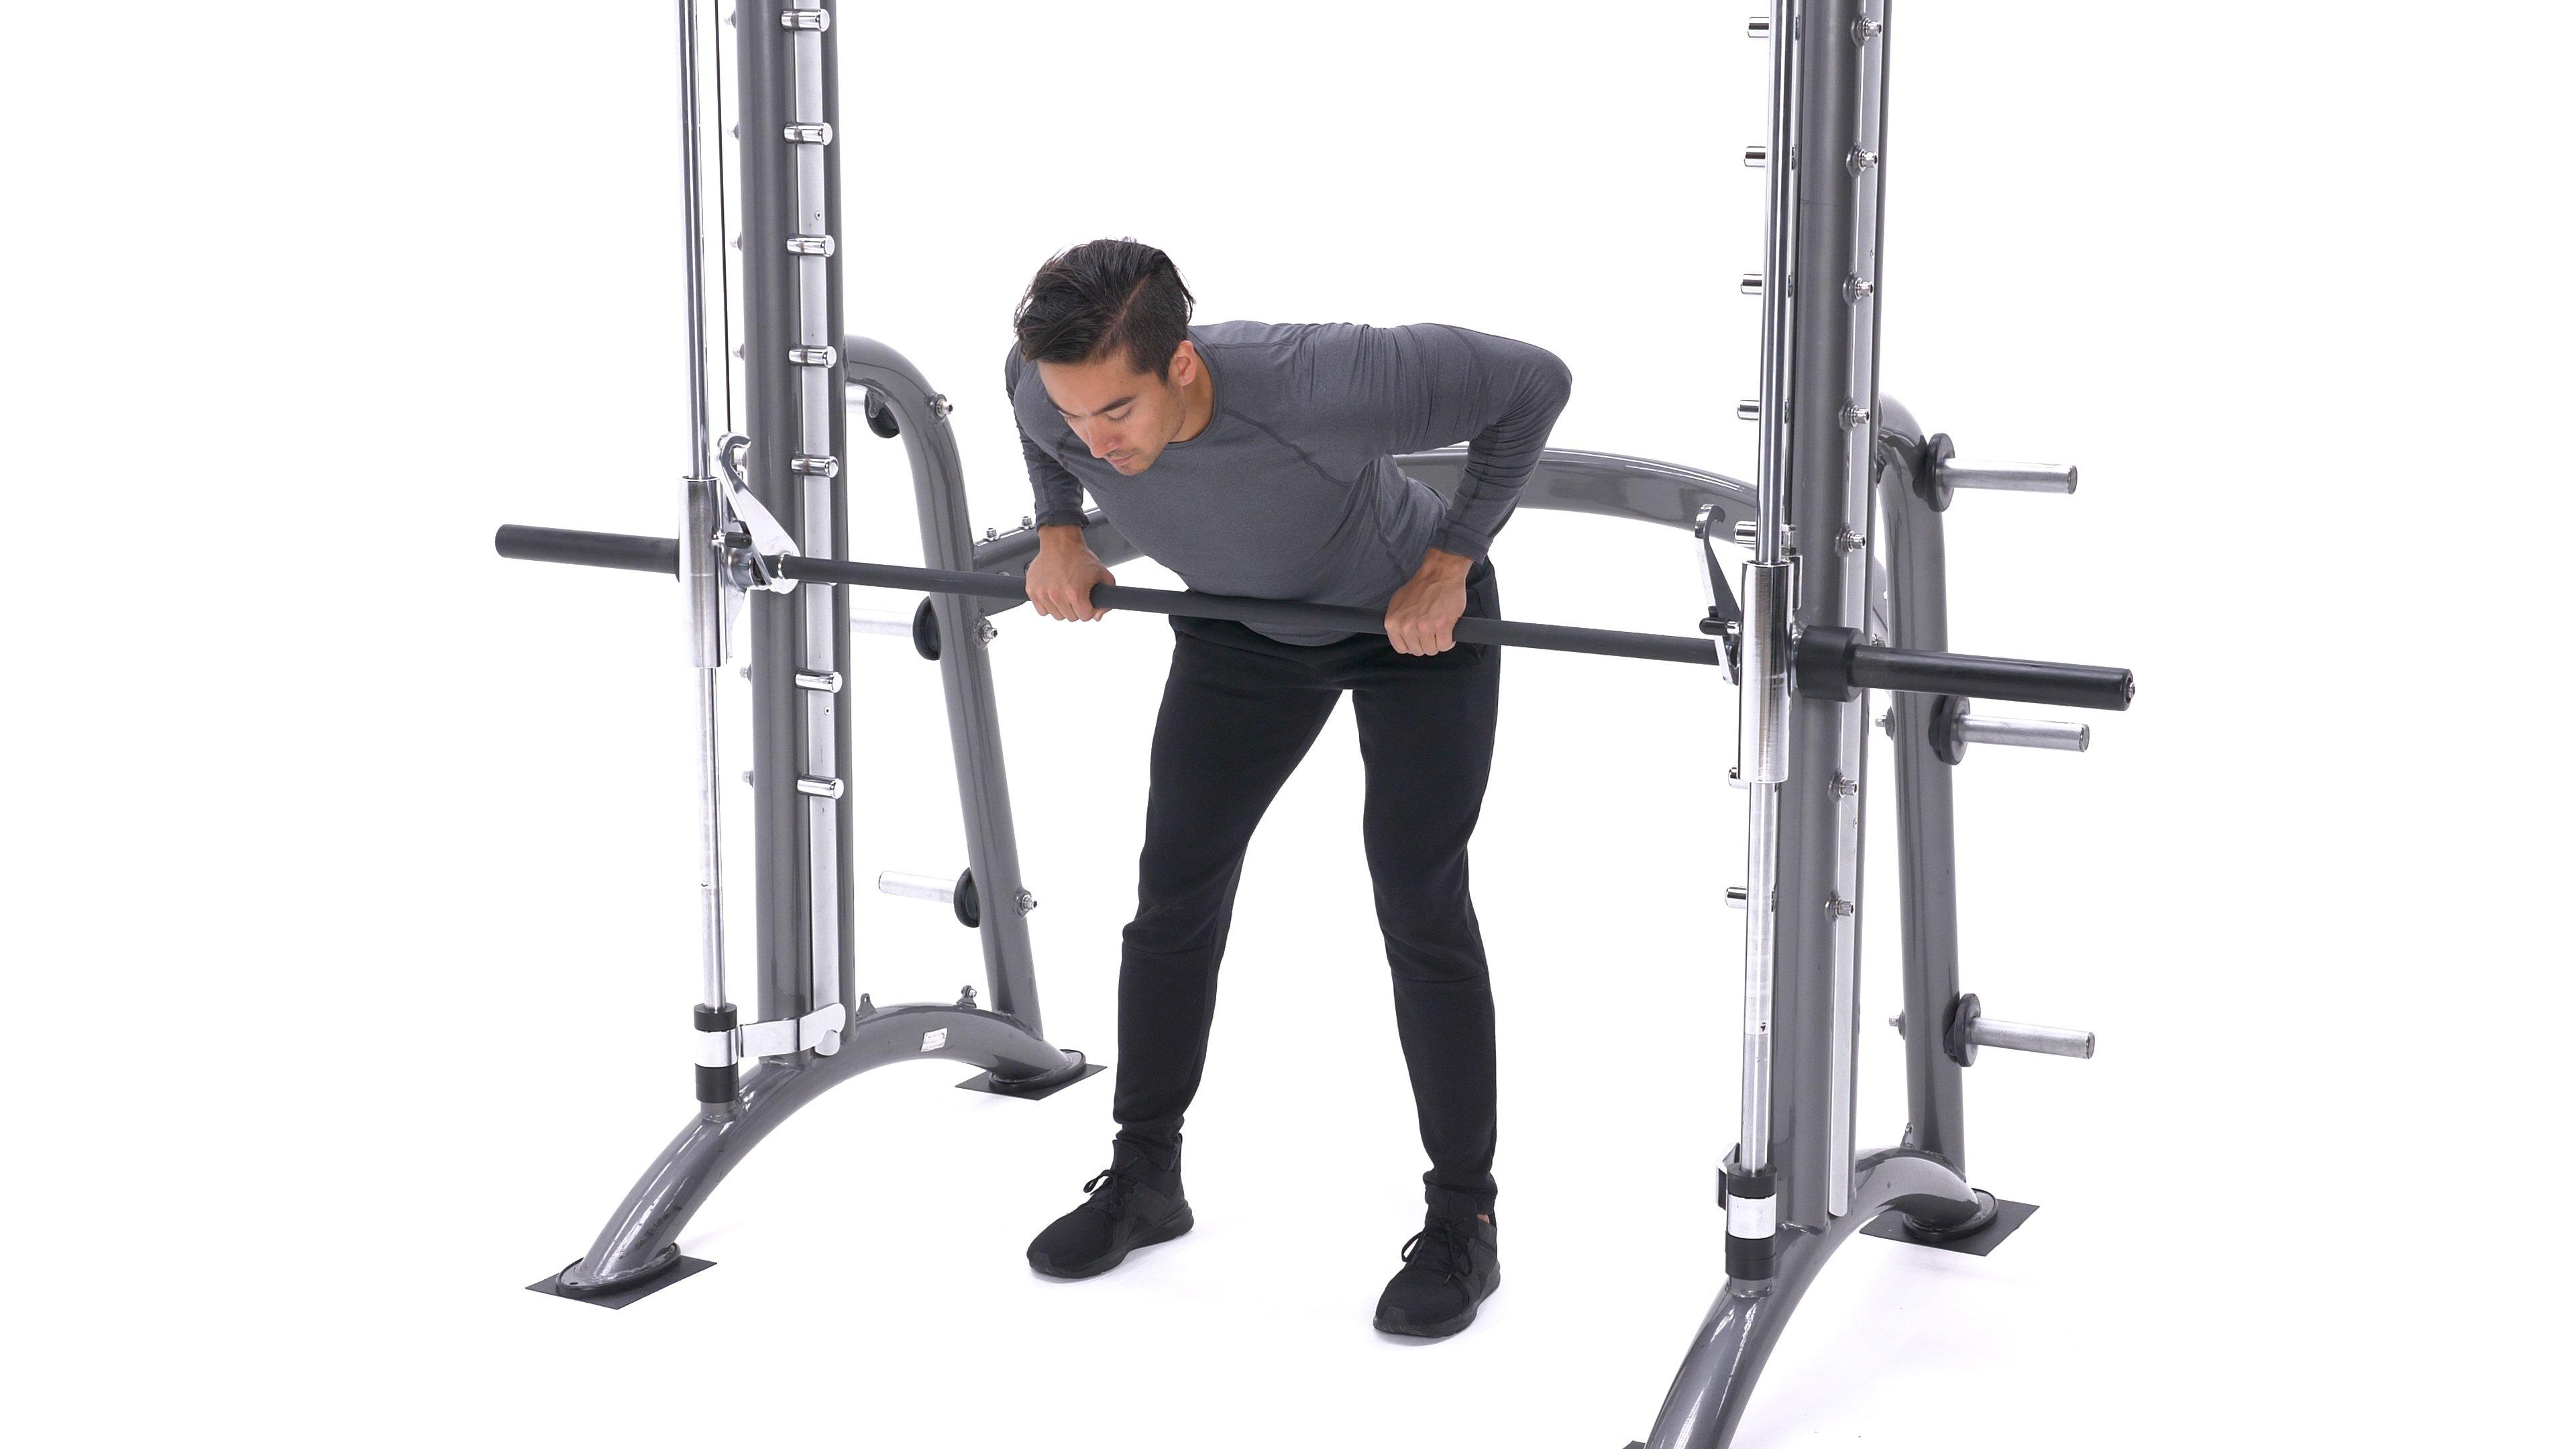 Smith machine bent-over row image